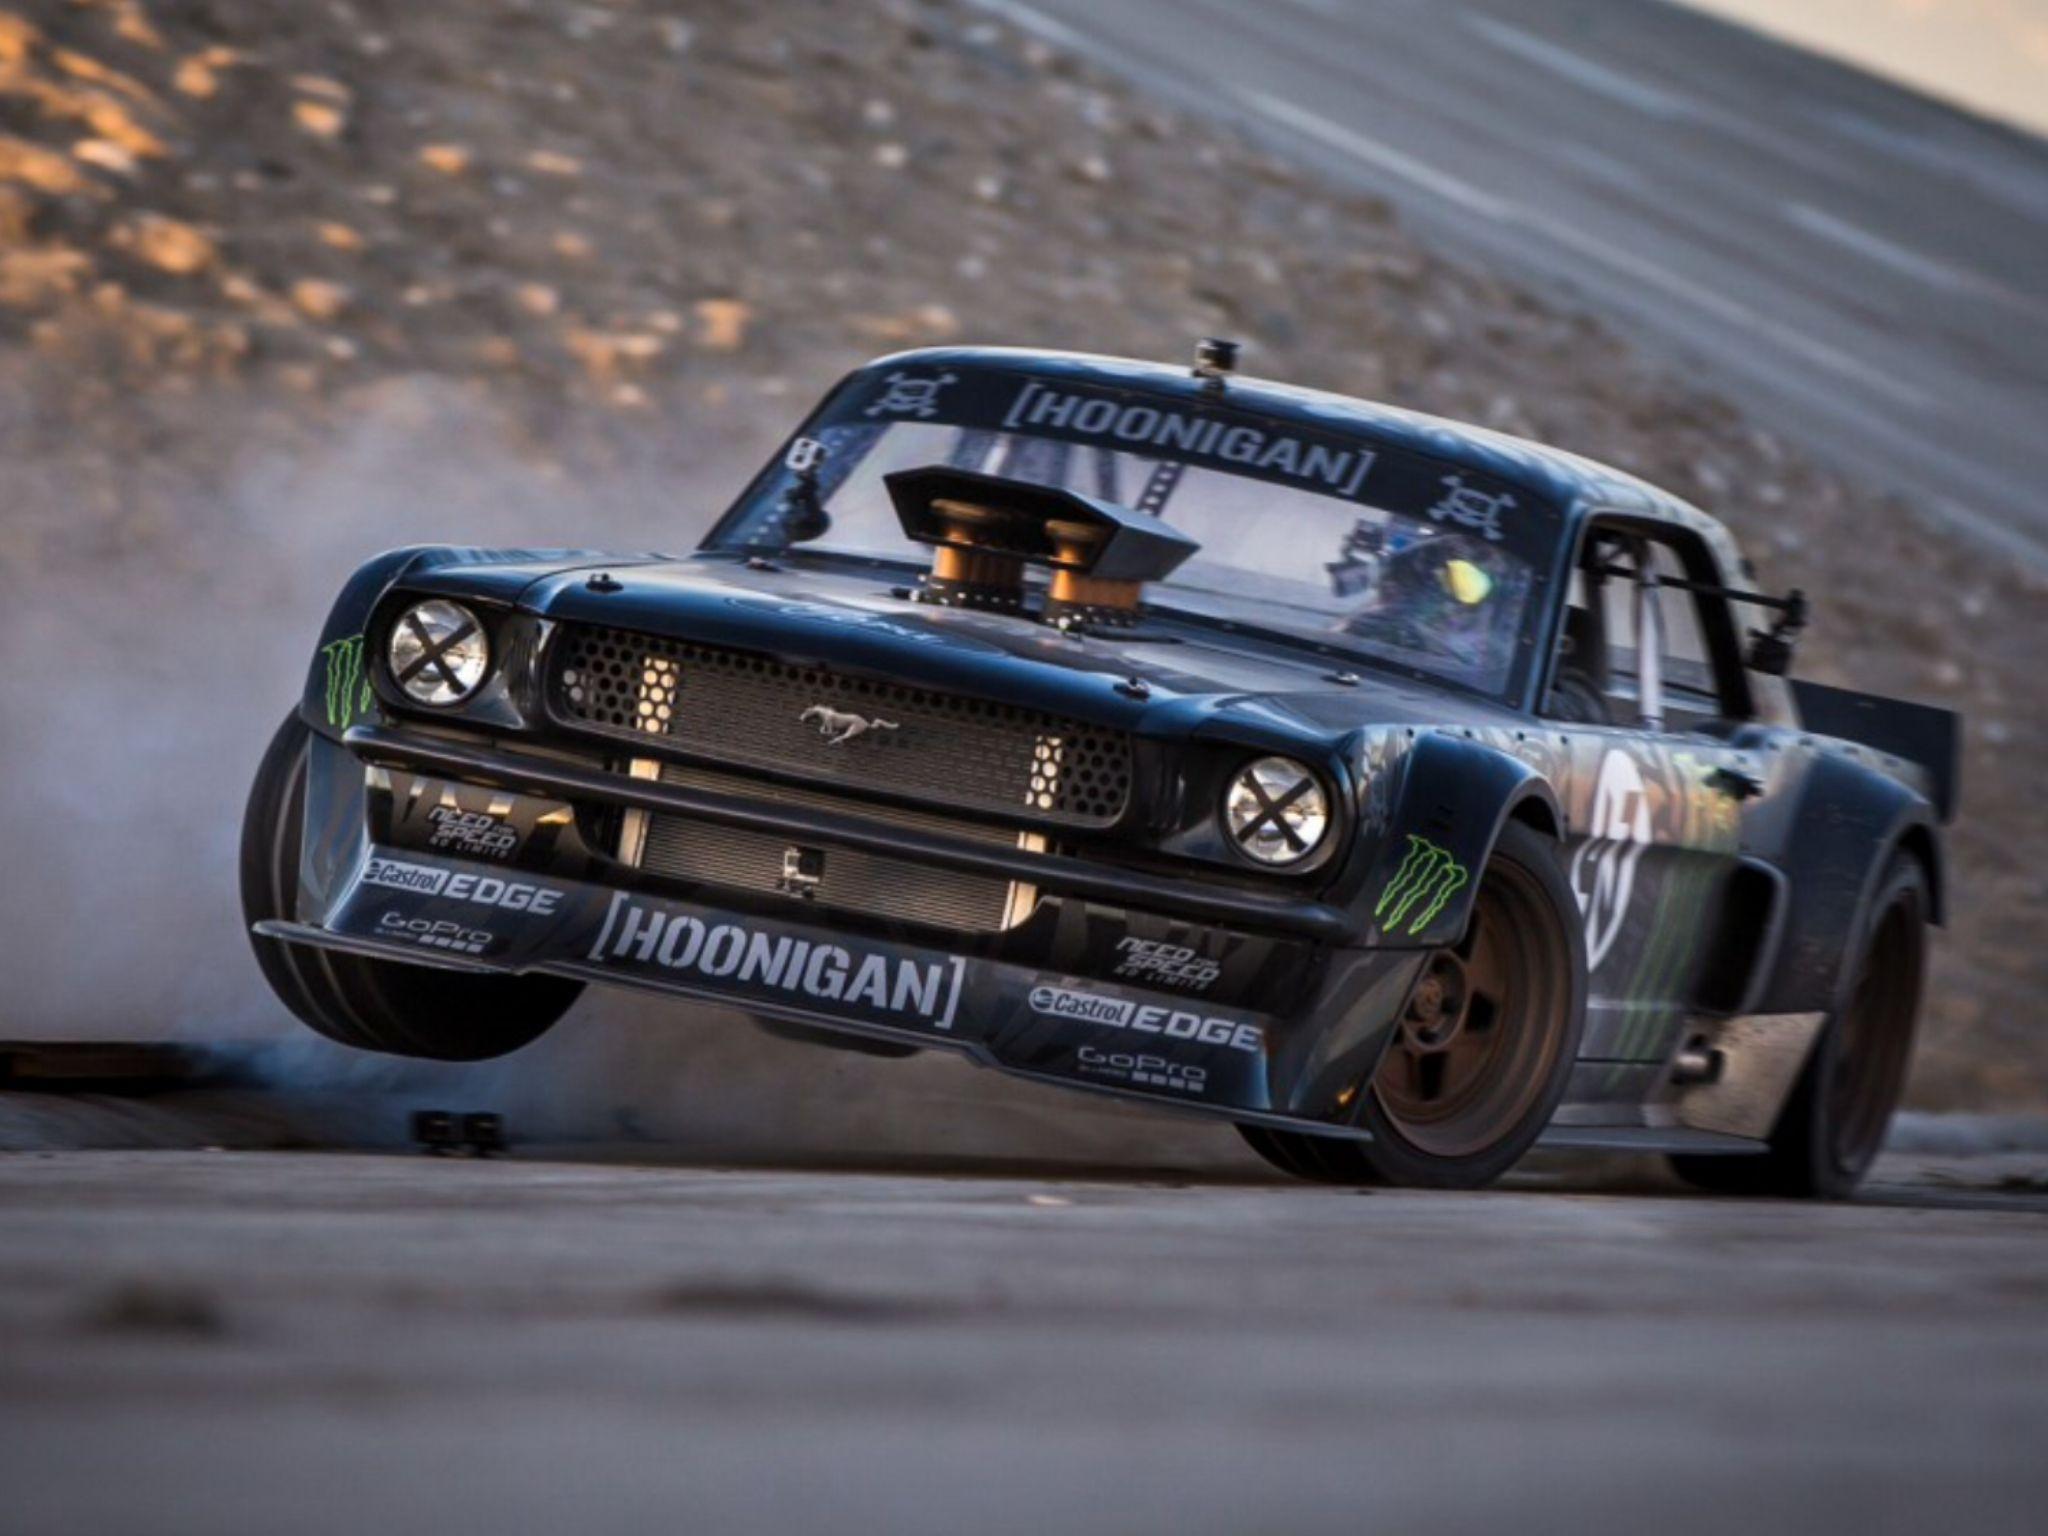 Hoonigan Mustang Drift Car